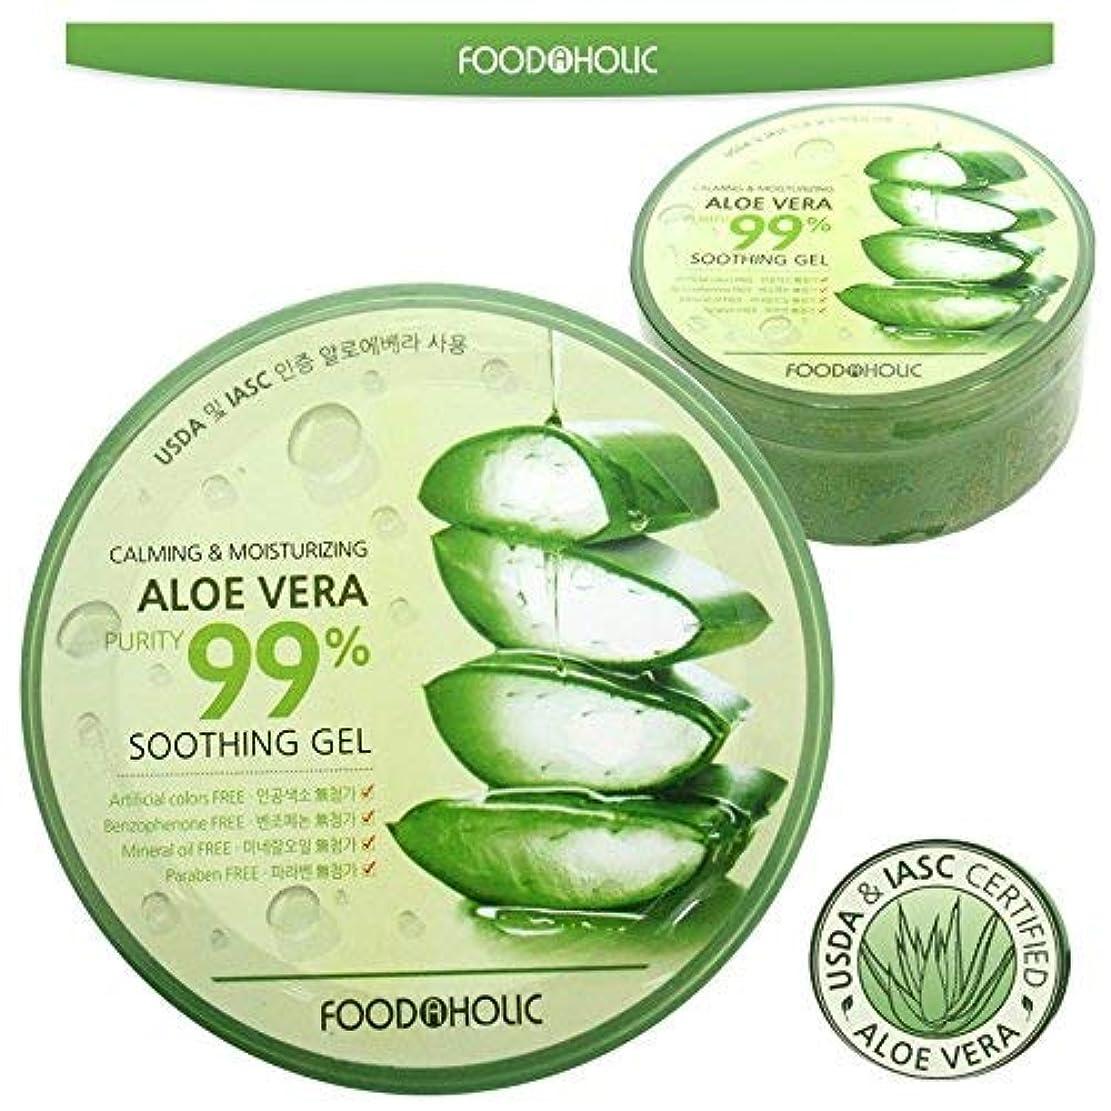 皮無駄な傾斜[FOOD A HOLIC] 穏やかな&保湿アロエベラ純度は99%スージングジェル(300ml * 1EA) / Calming & Moisturizing Aloe Vera Purity 99% Soothing...